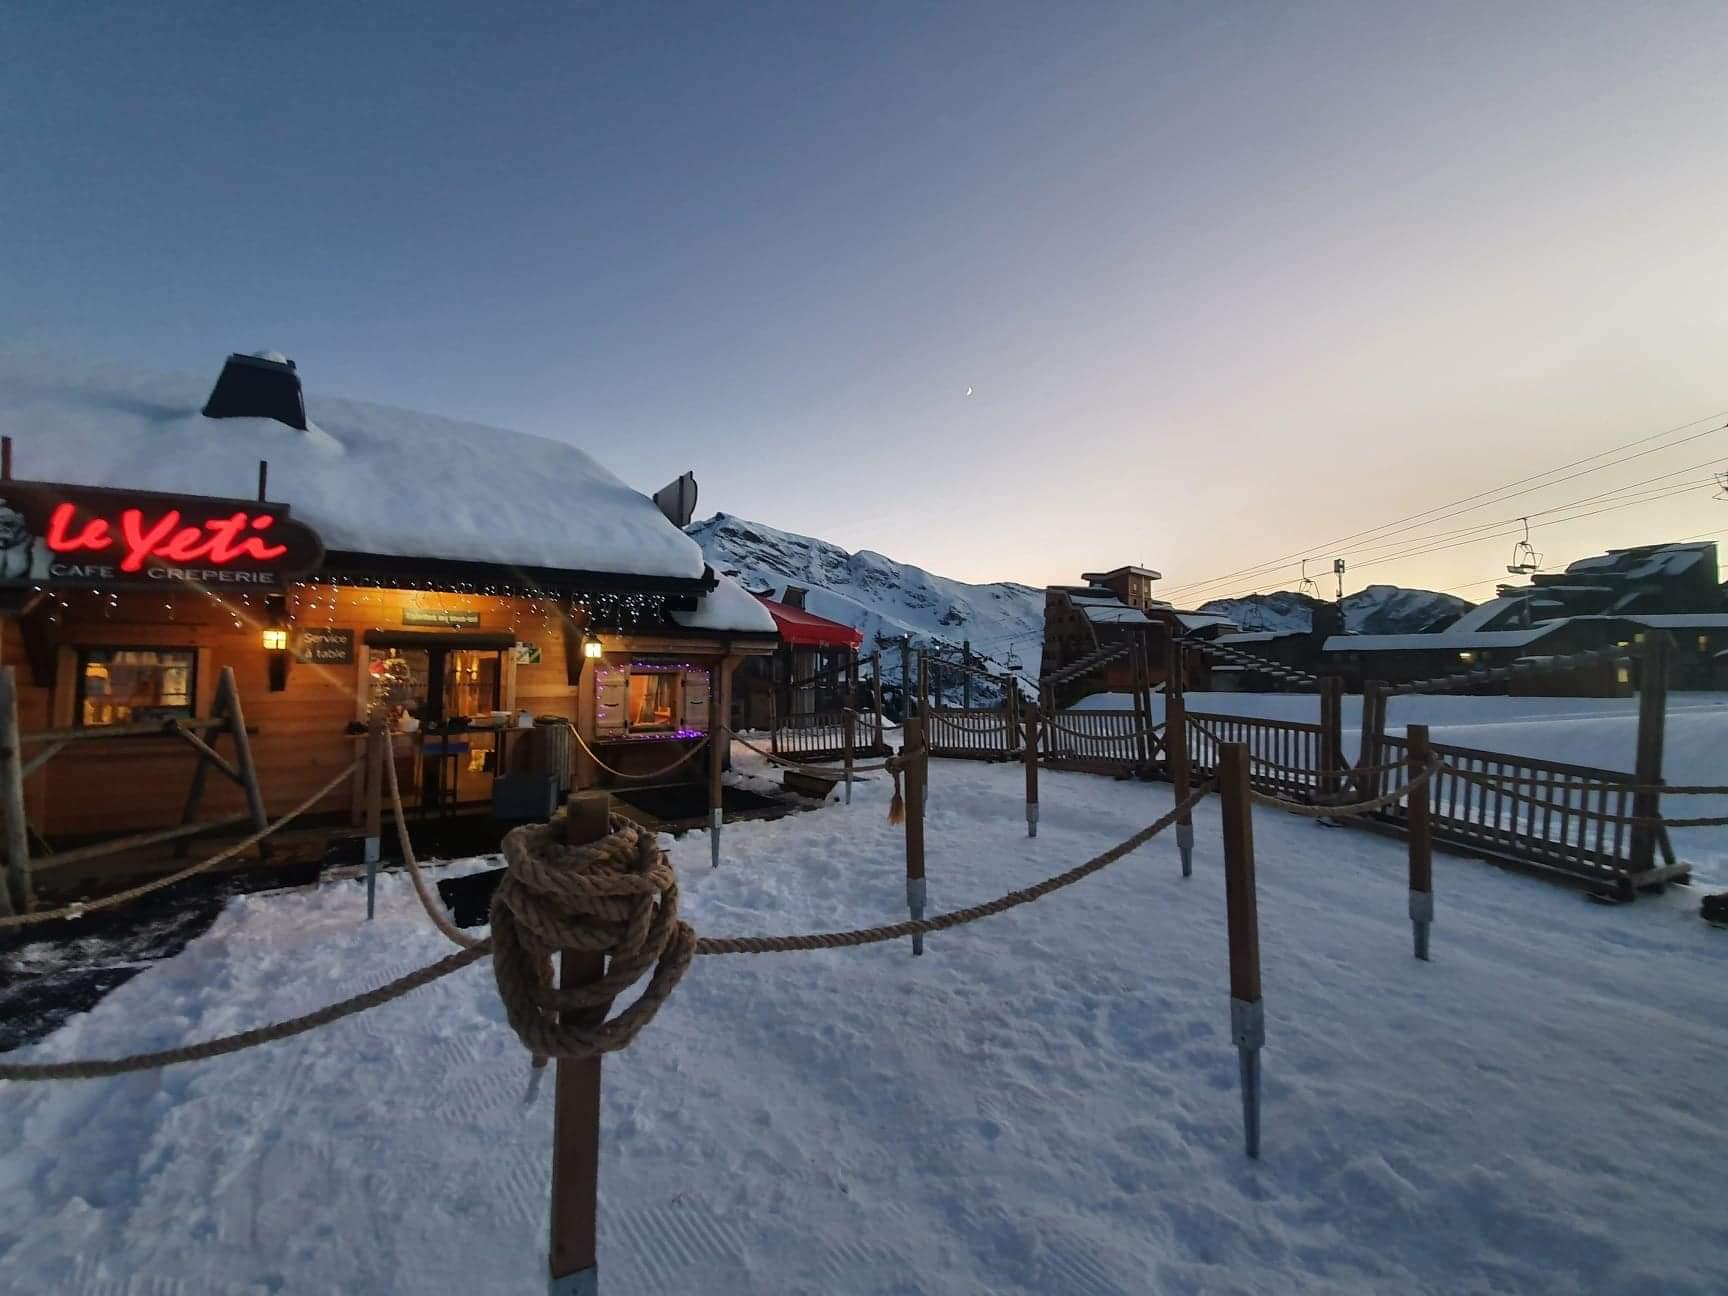 Venez vous restaurer dans notre restaurant partenaire le Yeti à Avoriaz 1800